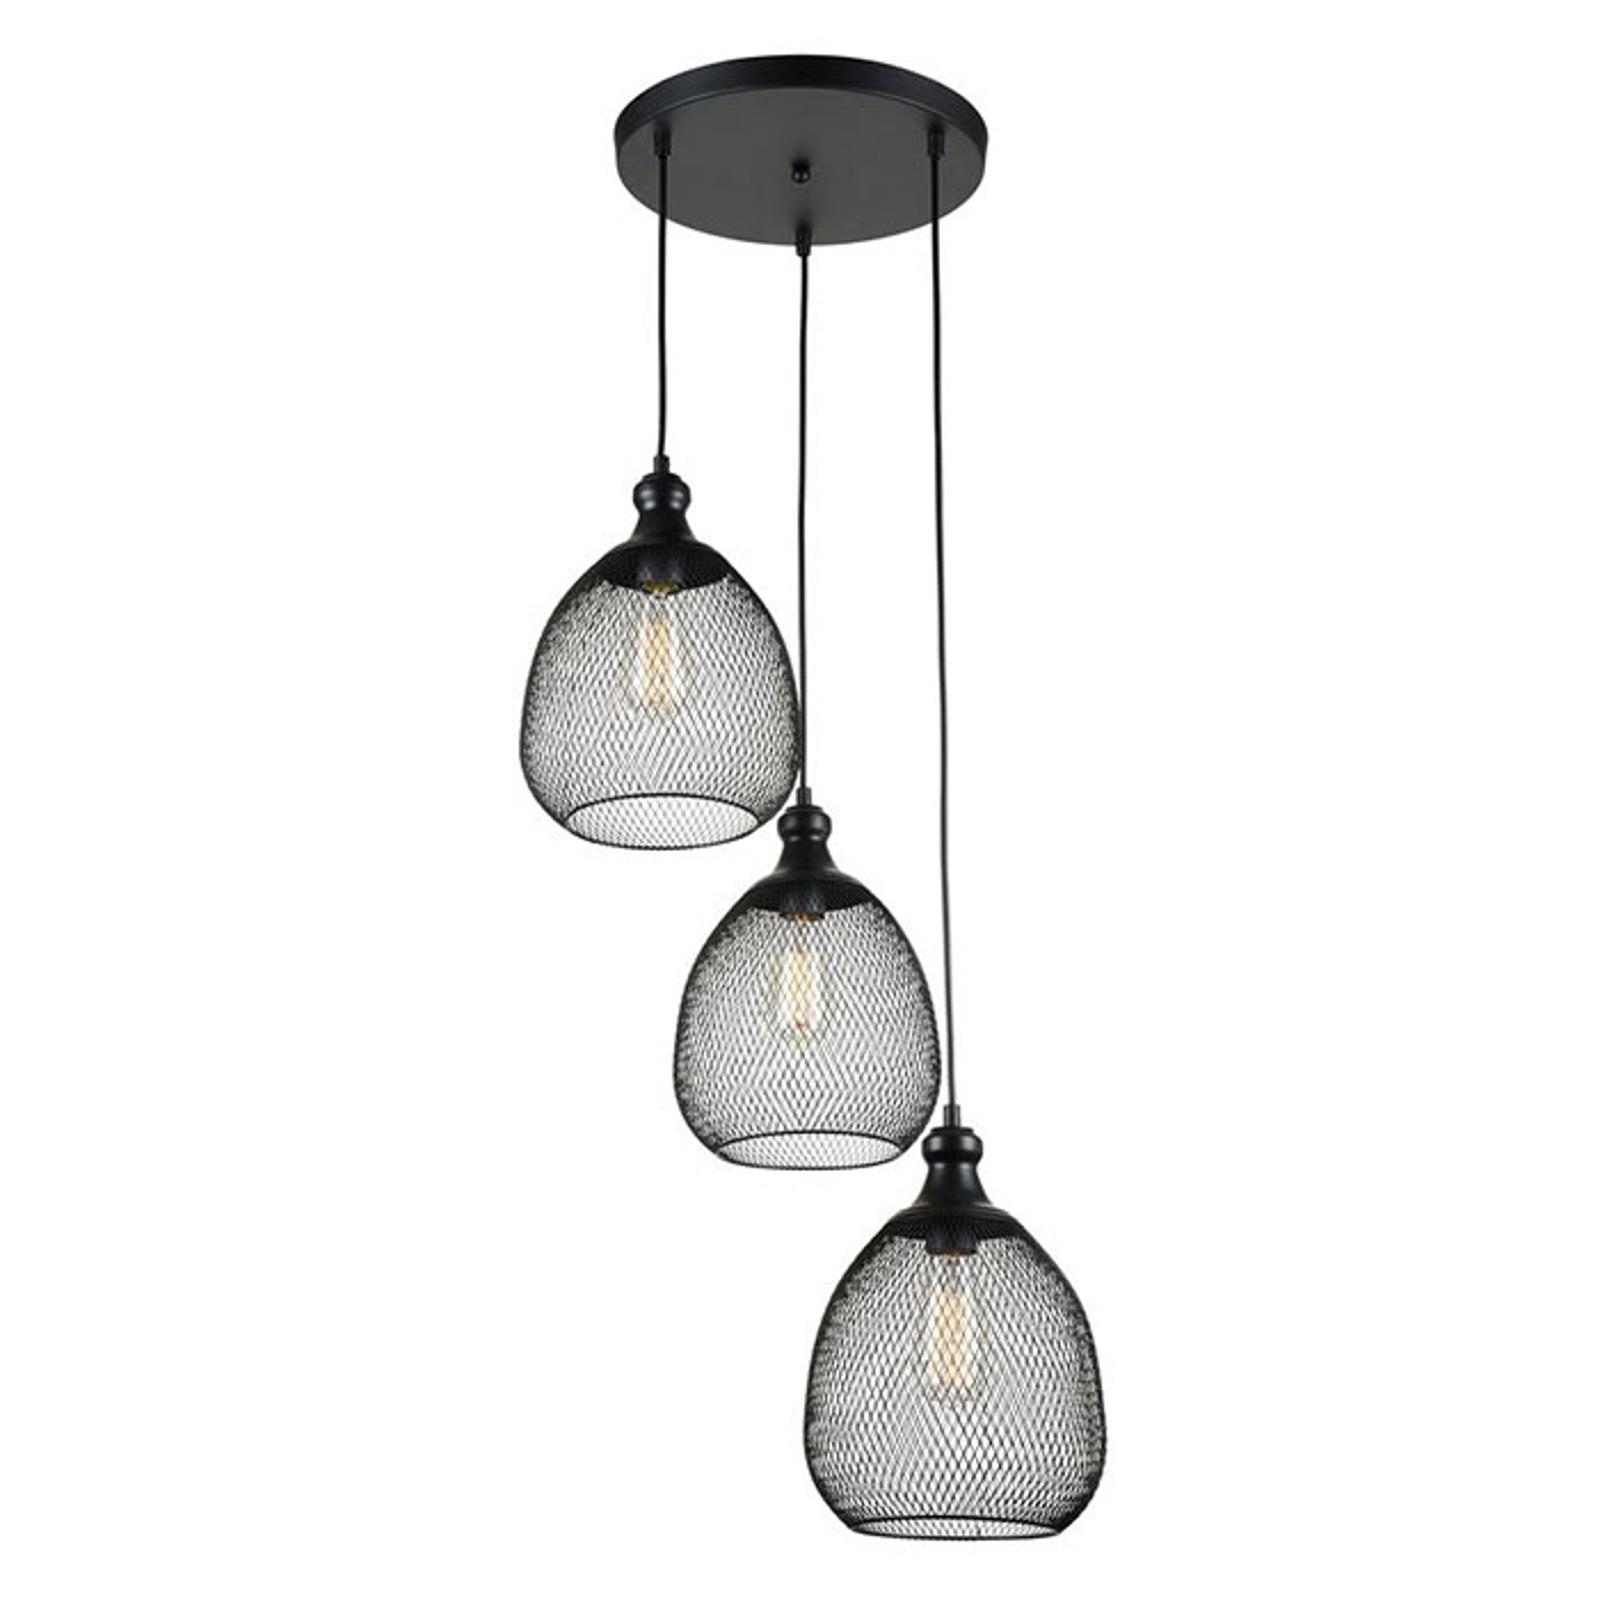 3-punktowa lampa wisząca Grille o wyglądzie klatki